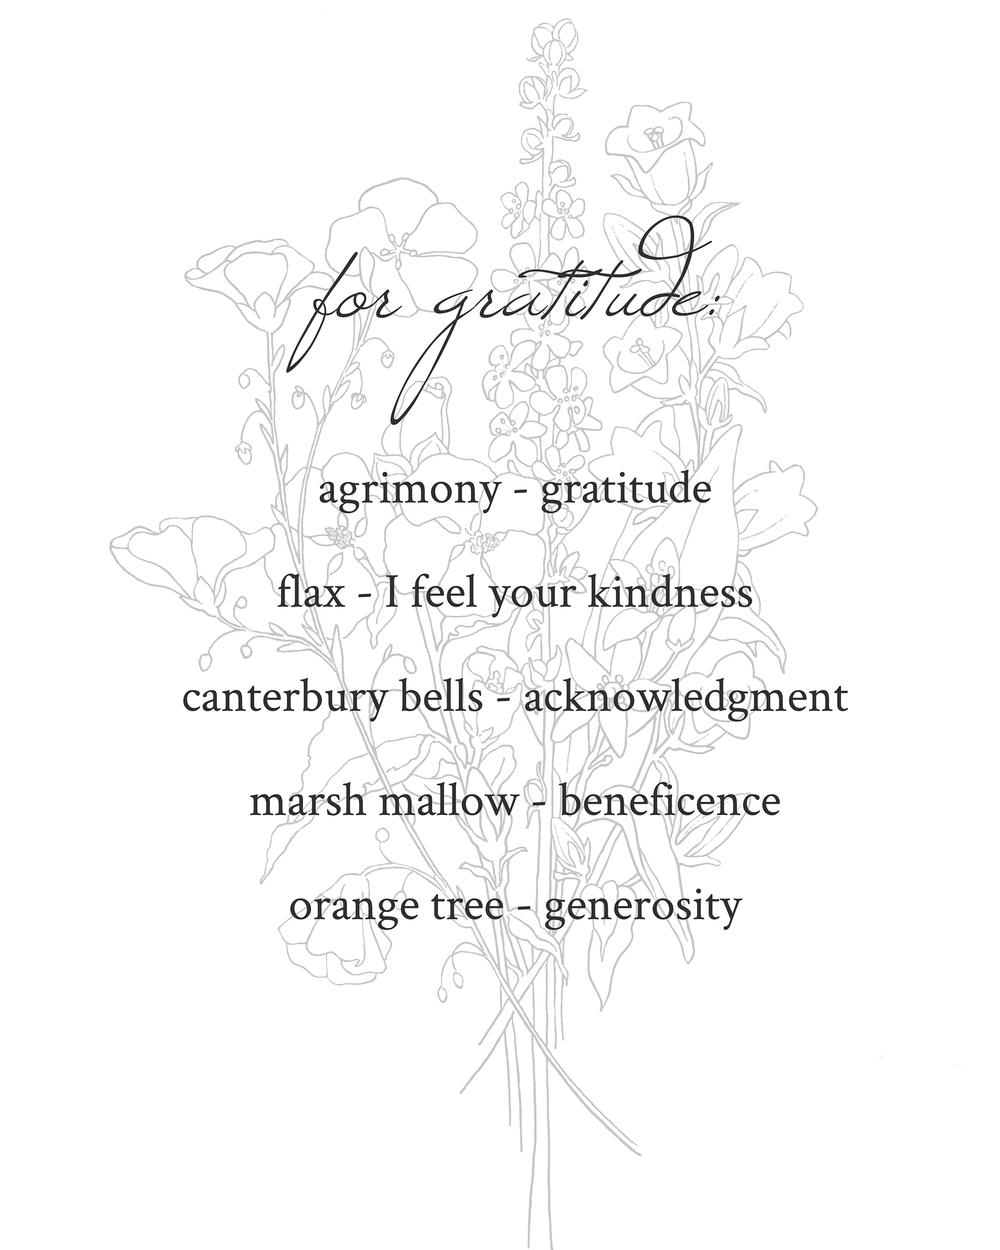 gratitudelegend.jpg